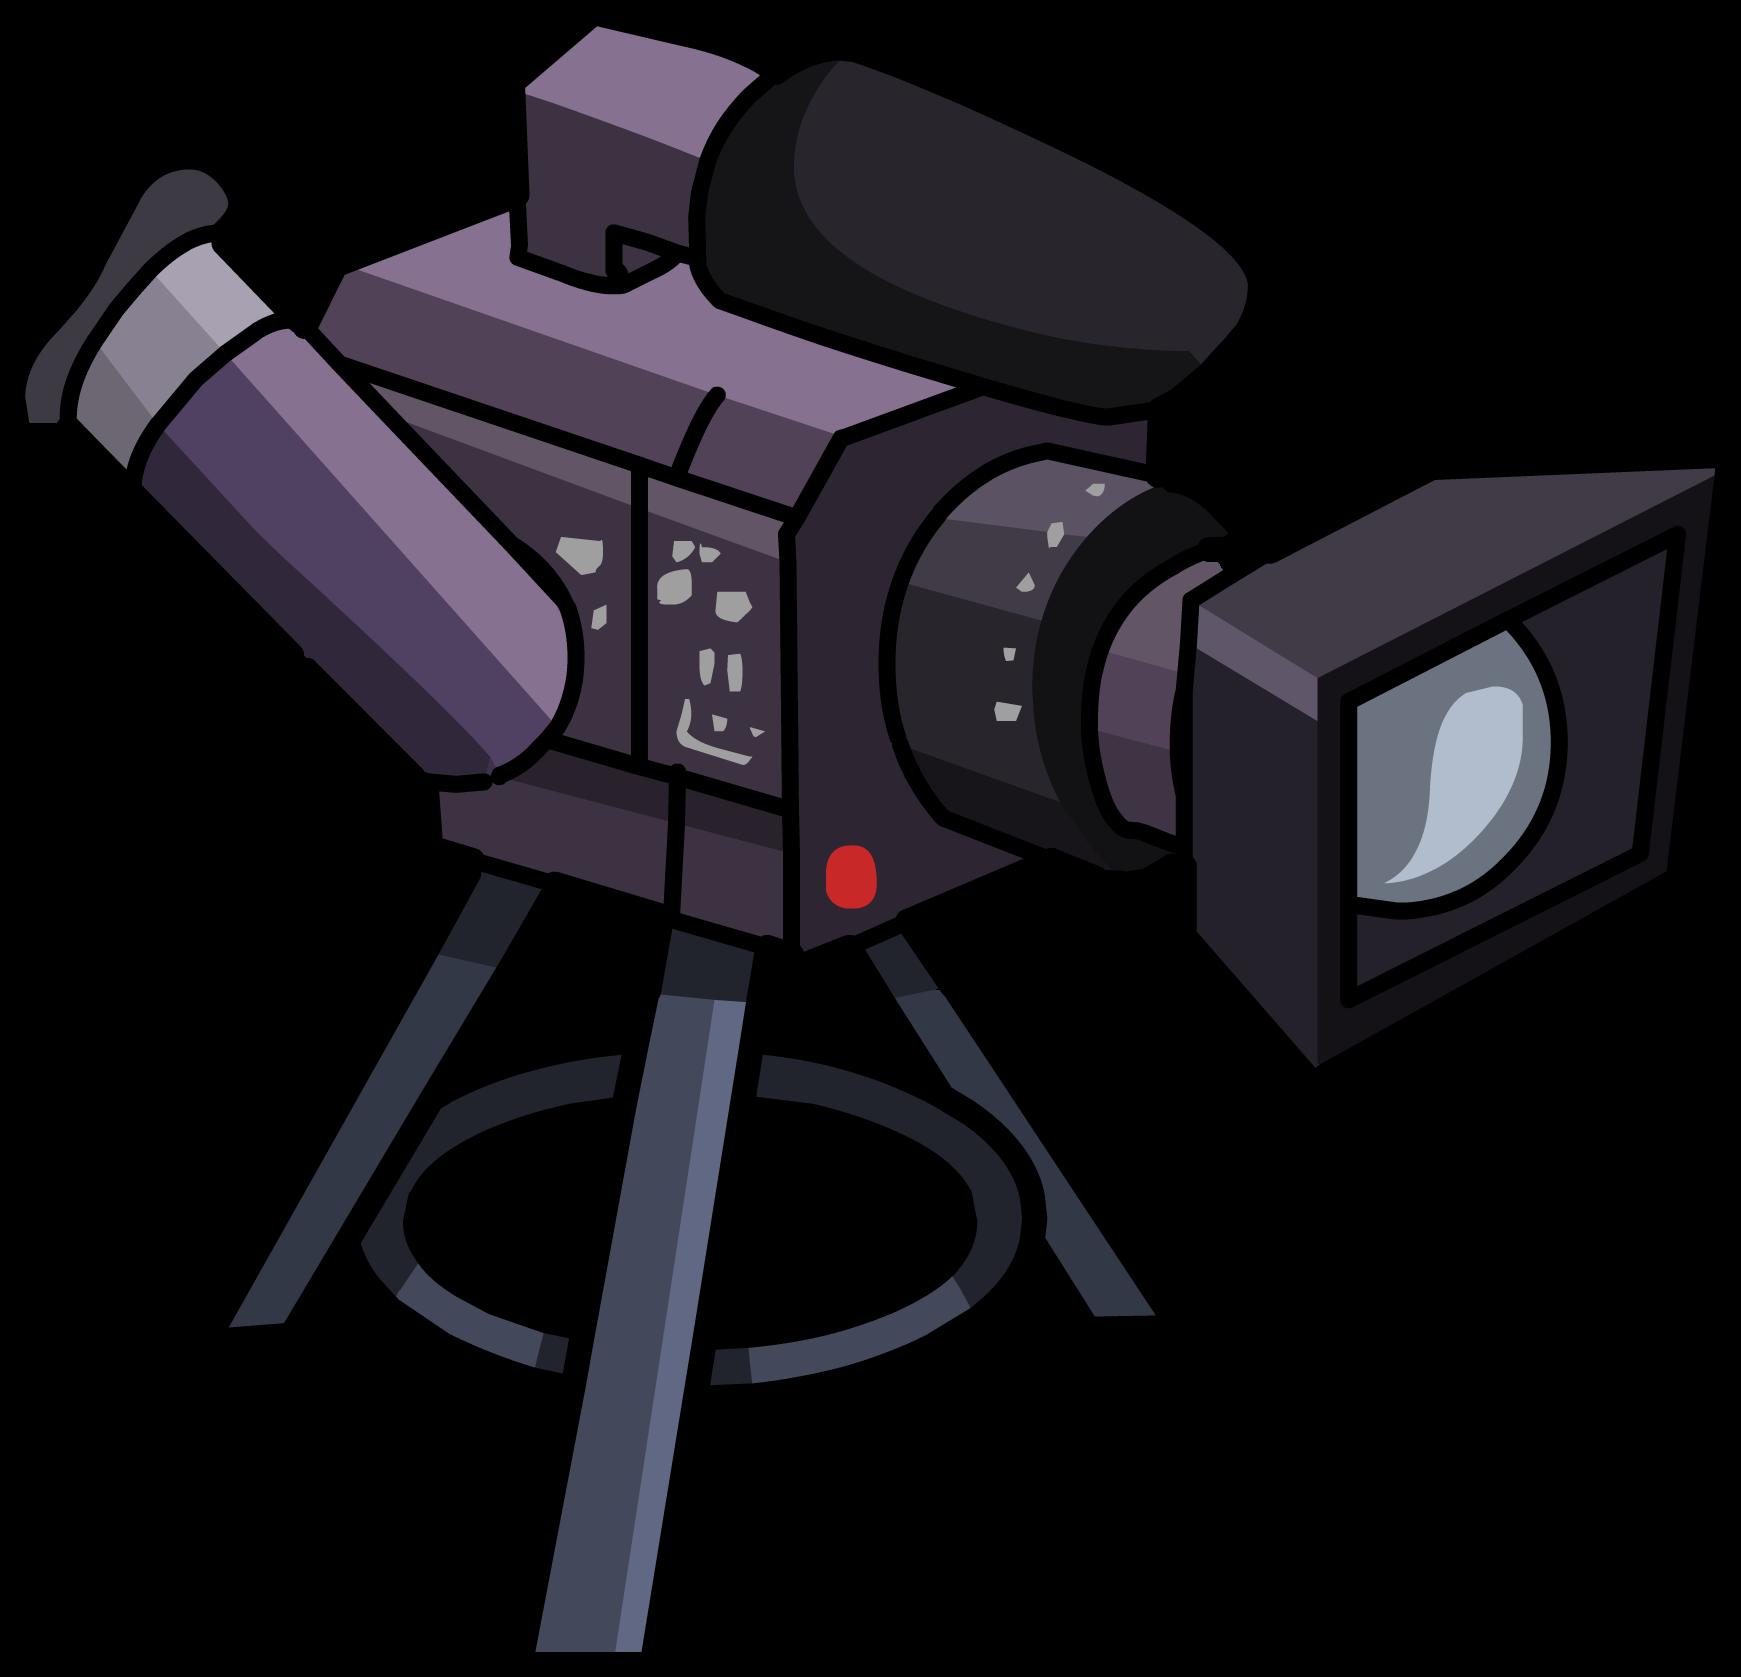 video camera  furniture  club penguin wiki fandom treasure clipart png treasure clipart png